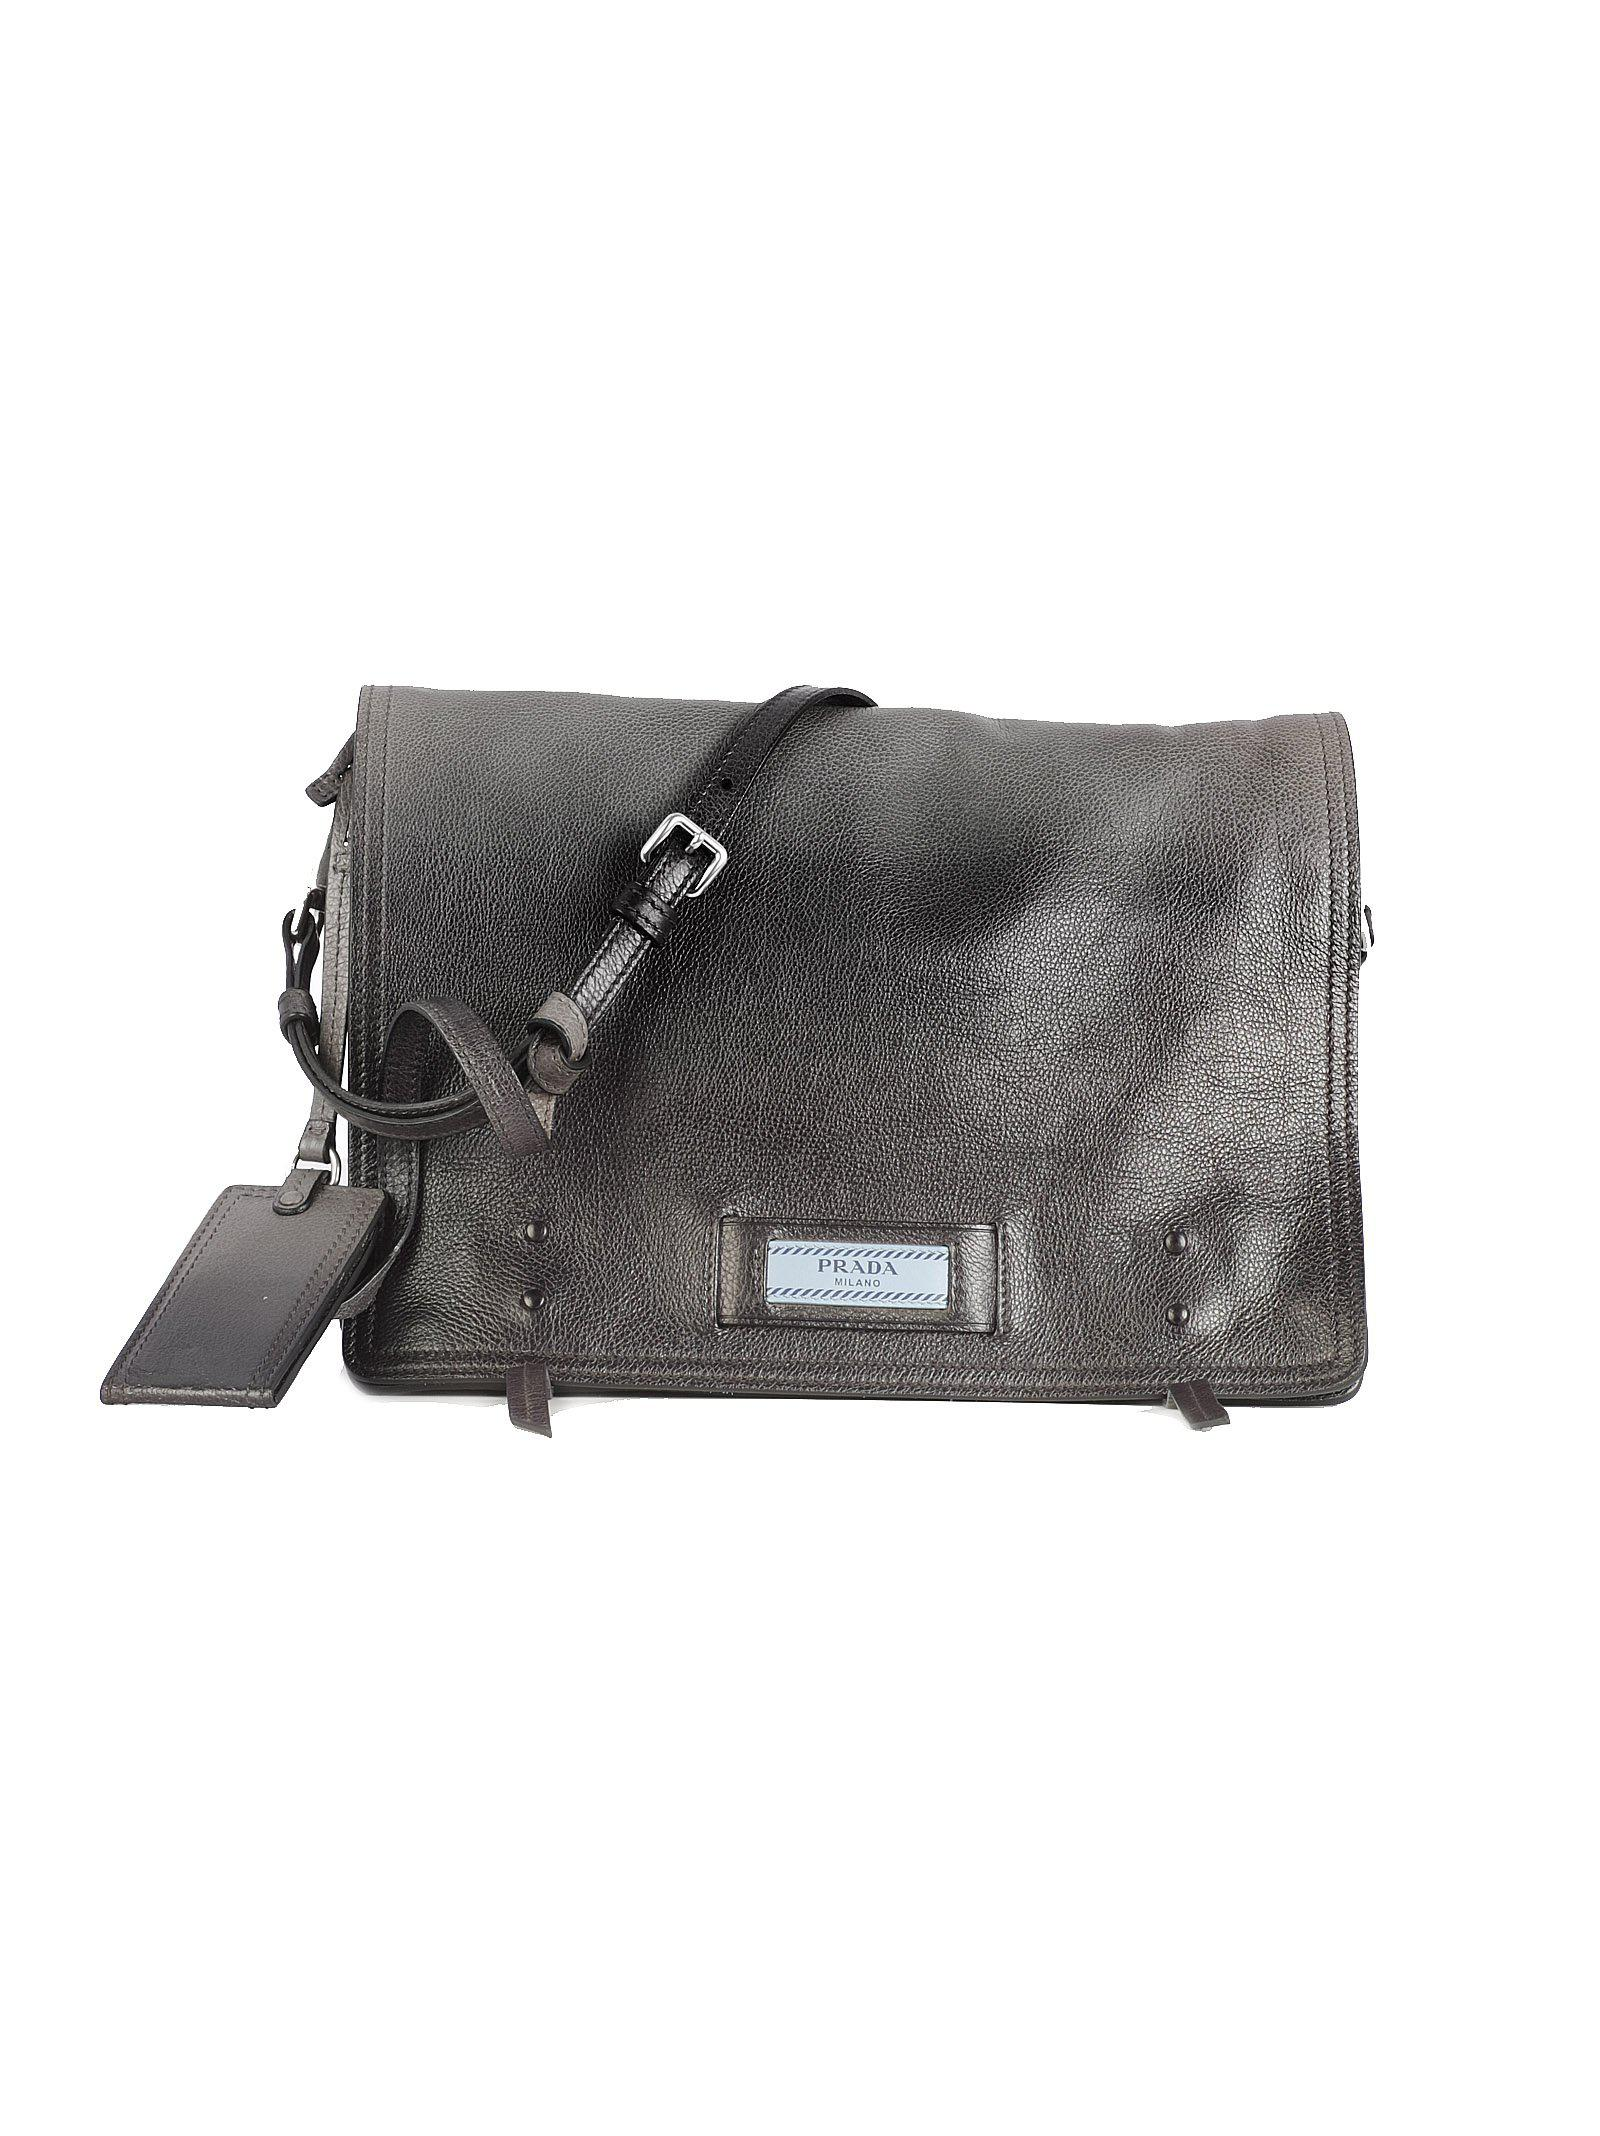 Prada Logo Messenger Bag in Black - Lyst bdb3b9a6a4f4f